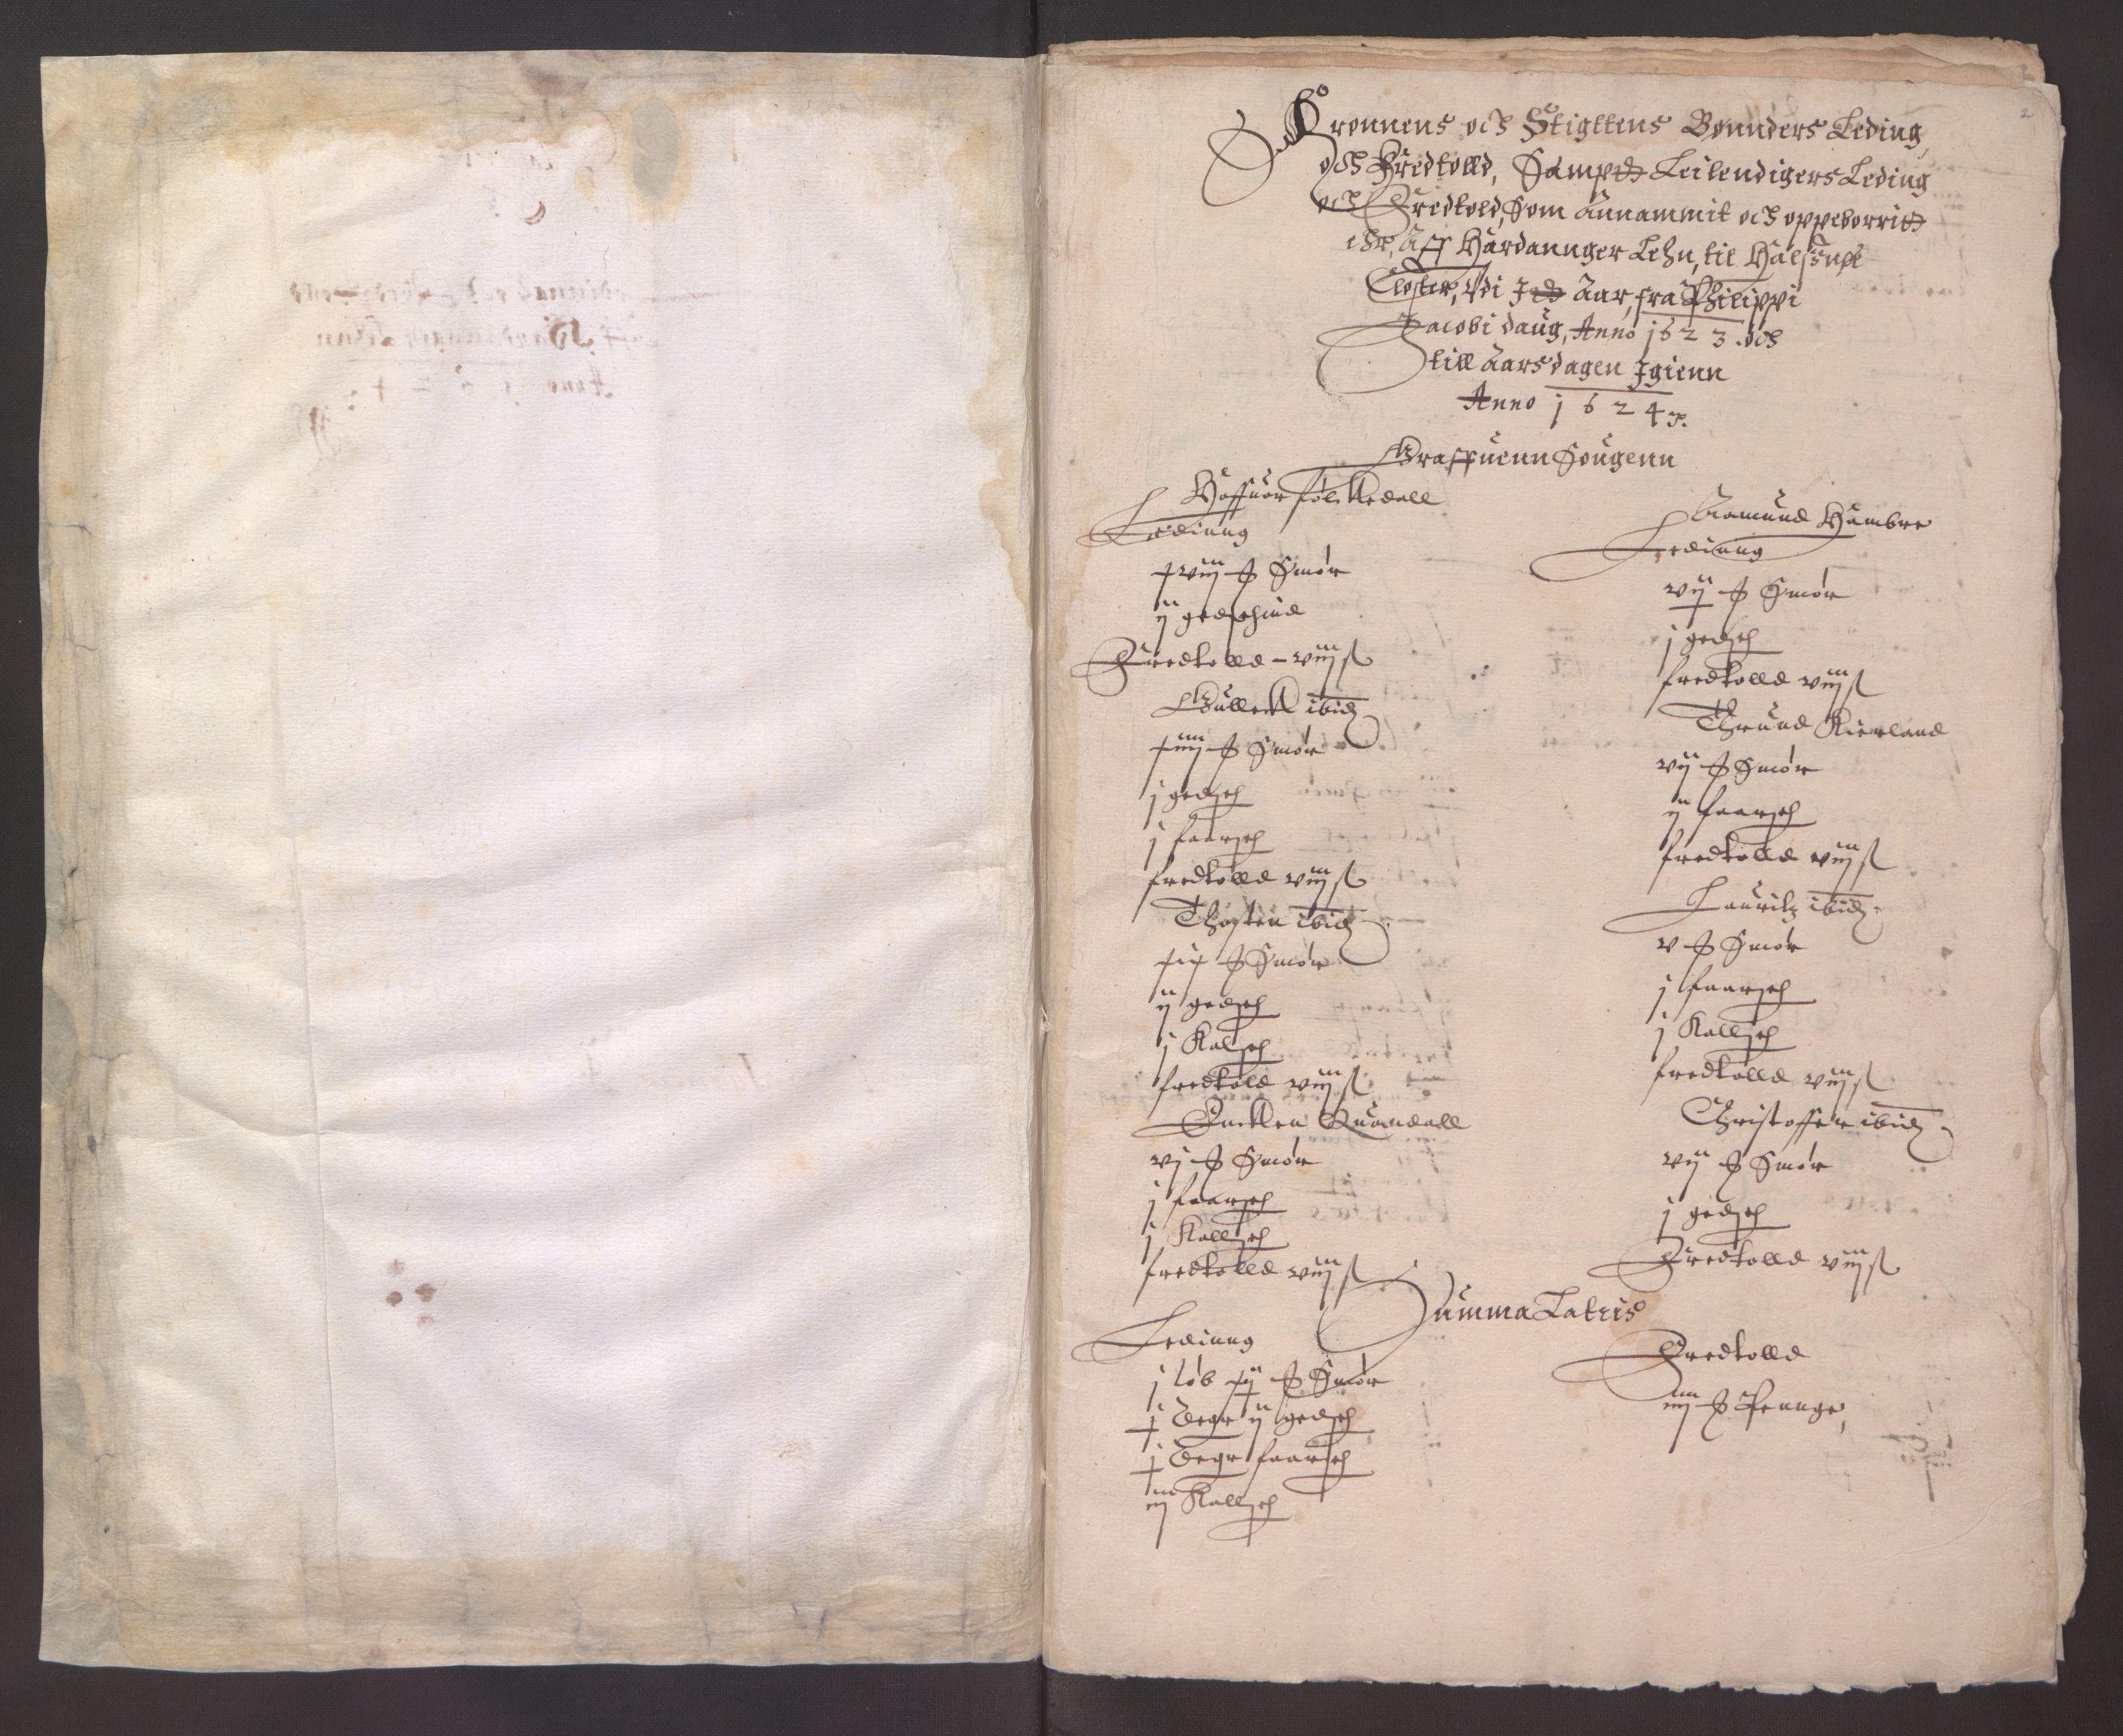 RA, Stattholderembetet 1572-1771, Ek/L0003: Jordebøker til utlikning av garnisonsskatt 1624-1626:, 1624-1625, s. 192